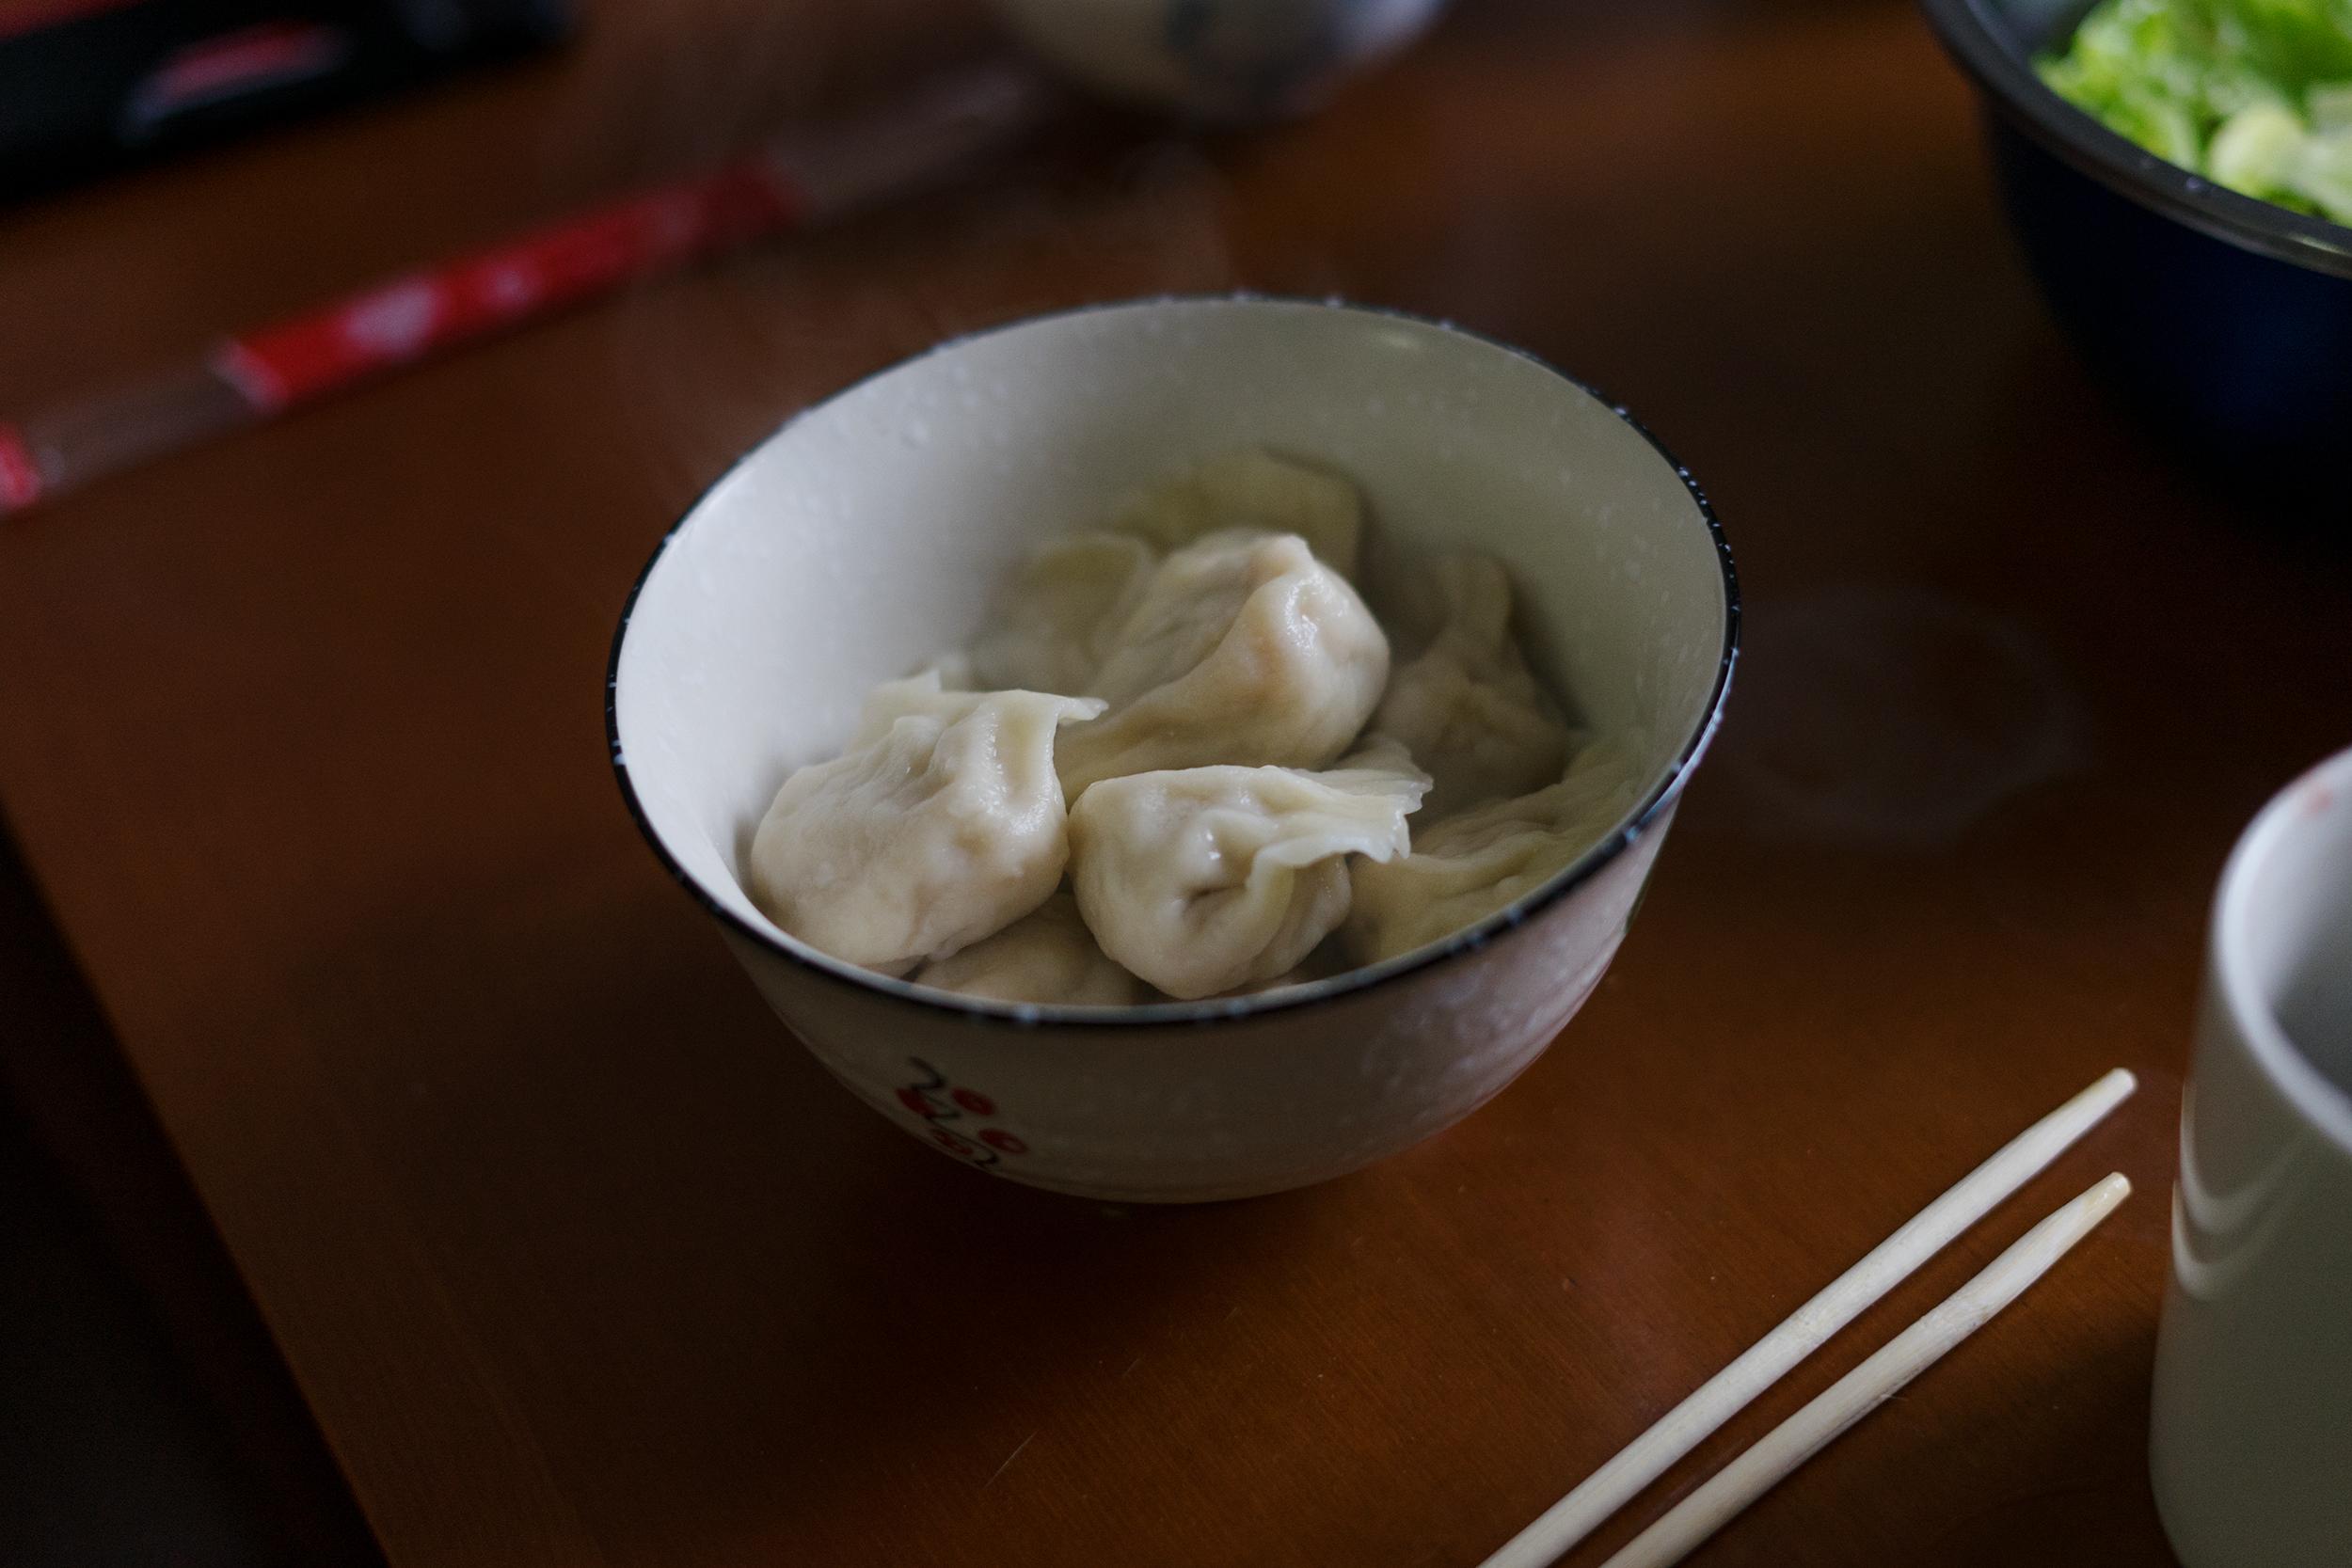 Birthday dumplings a la Nancy & her aunt.